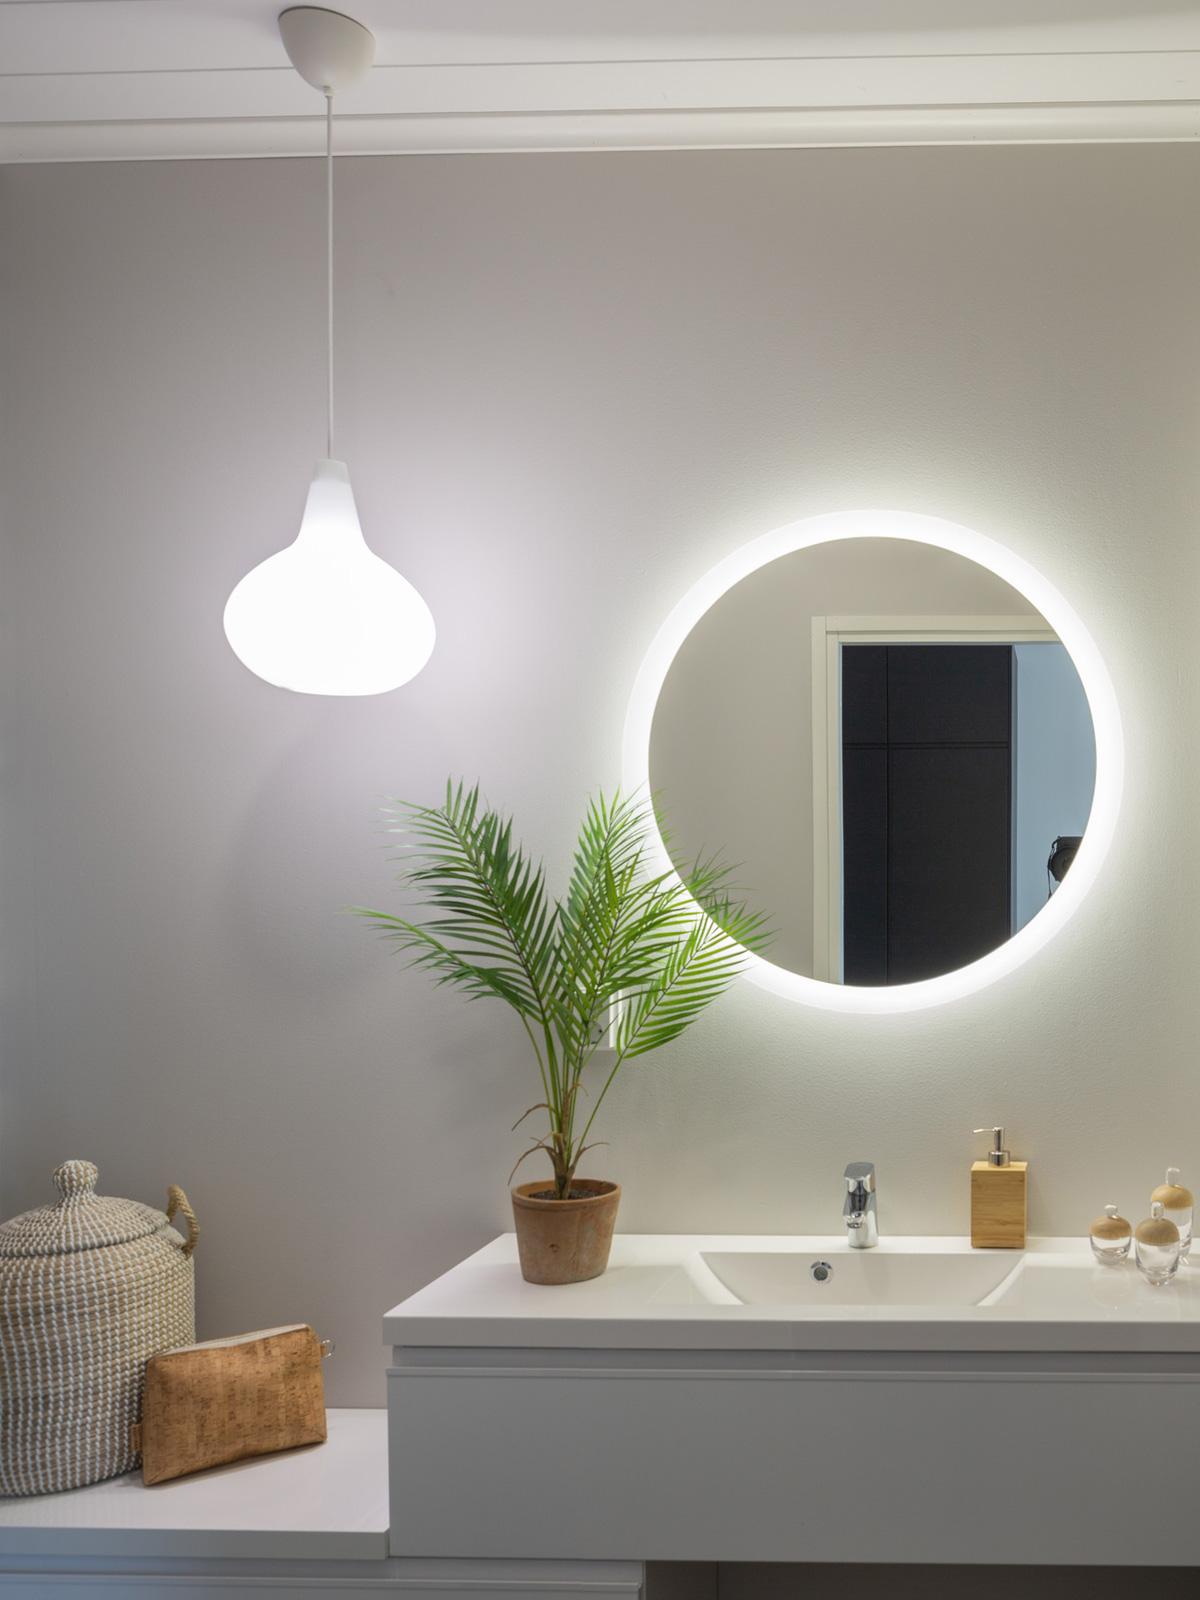 Innolux Orno Bulbo Pendelleuchte weißes Glas DesignOrt Onlineshop Berlin Lampen